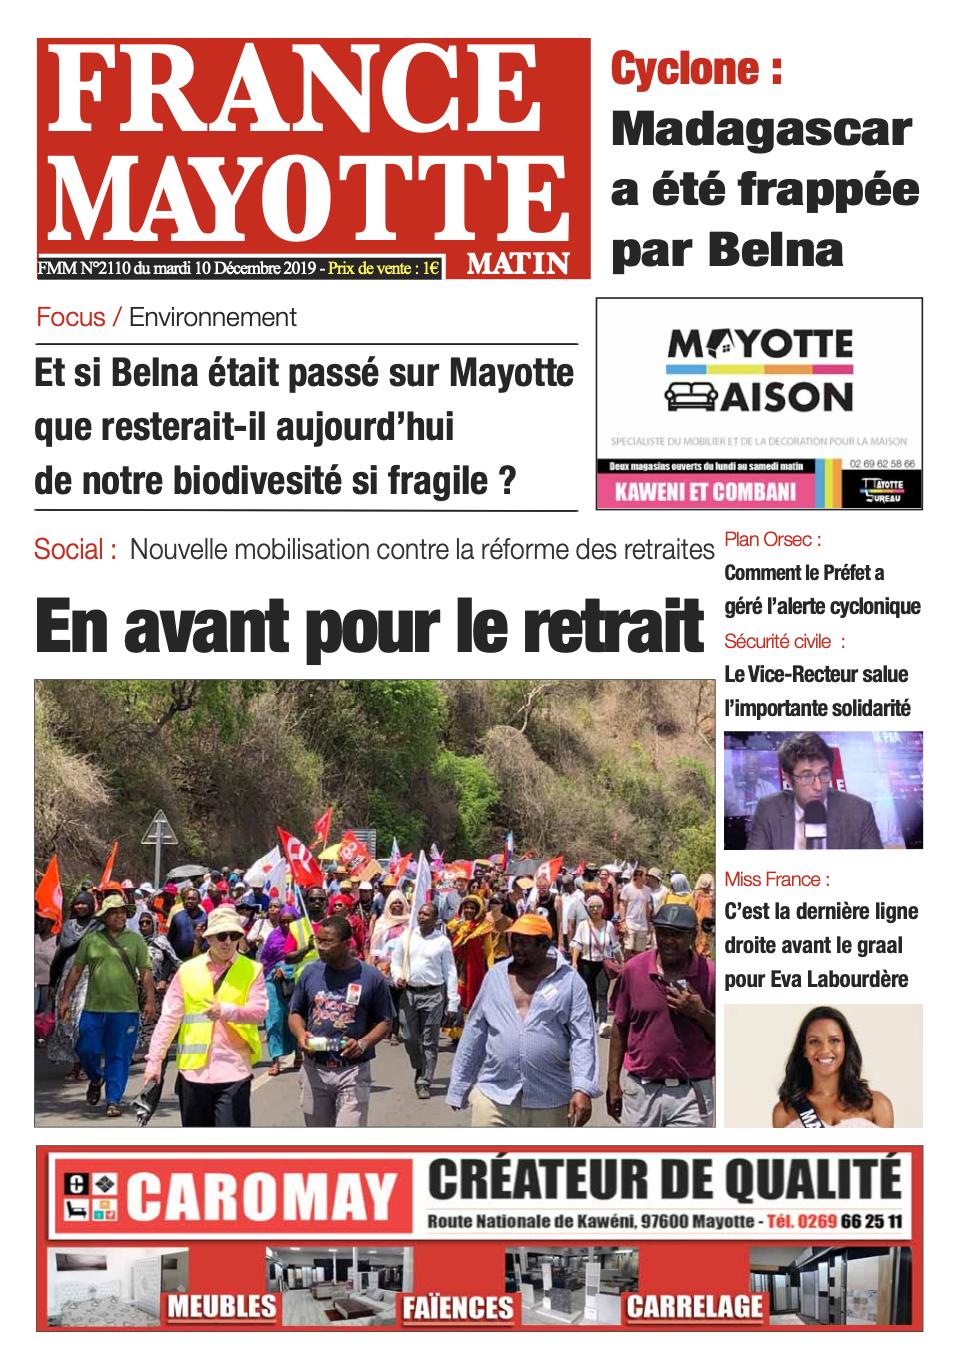 France Mayotte Mardi 10 décembre 2019